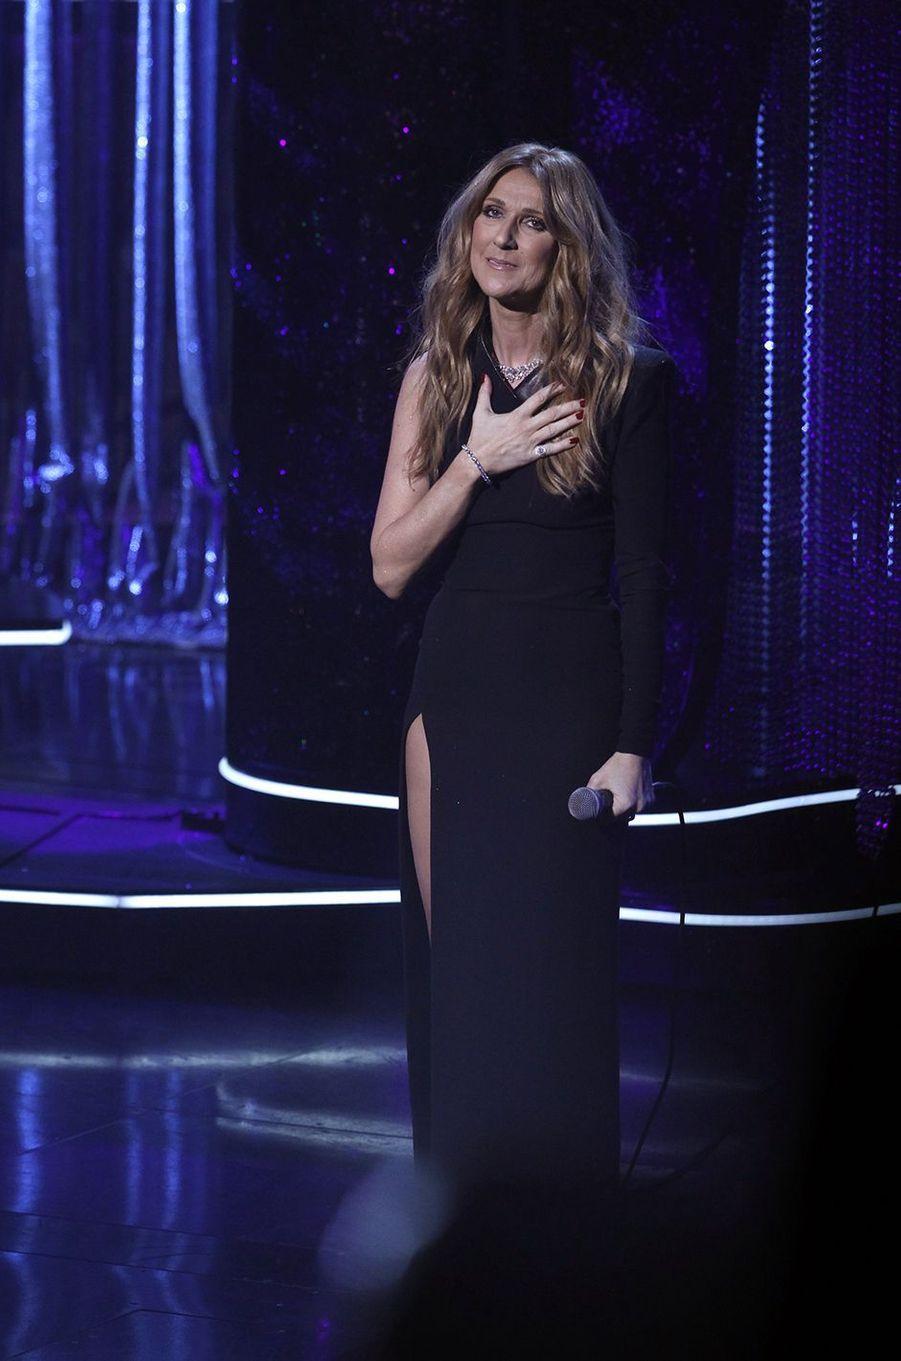 6. Céline Dion